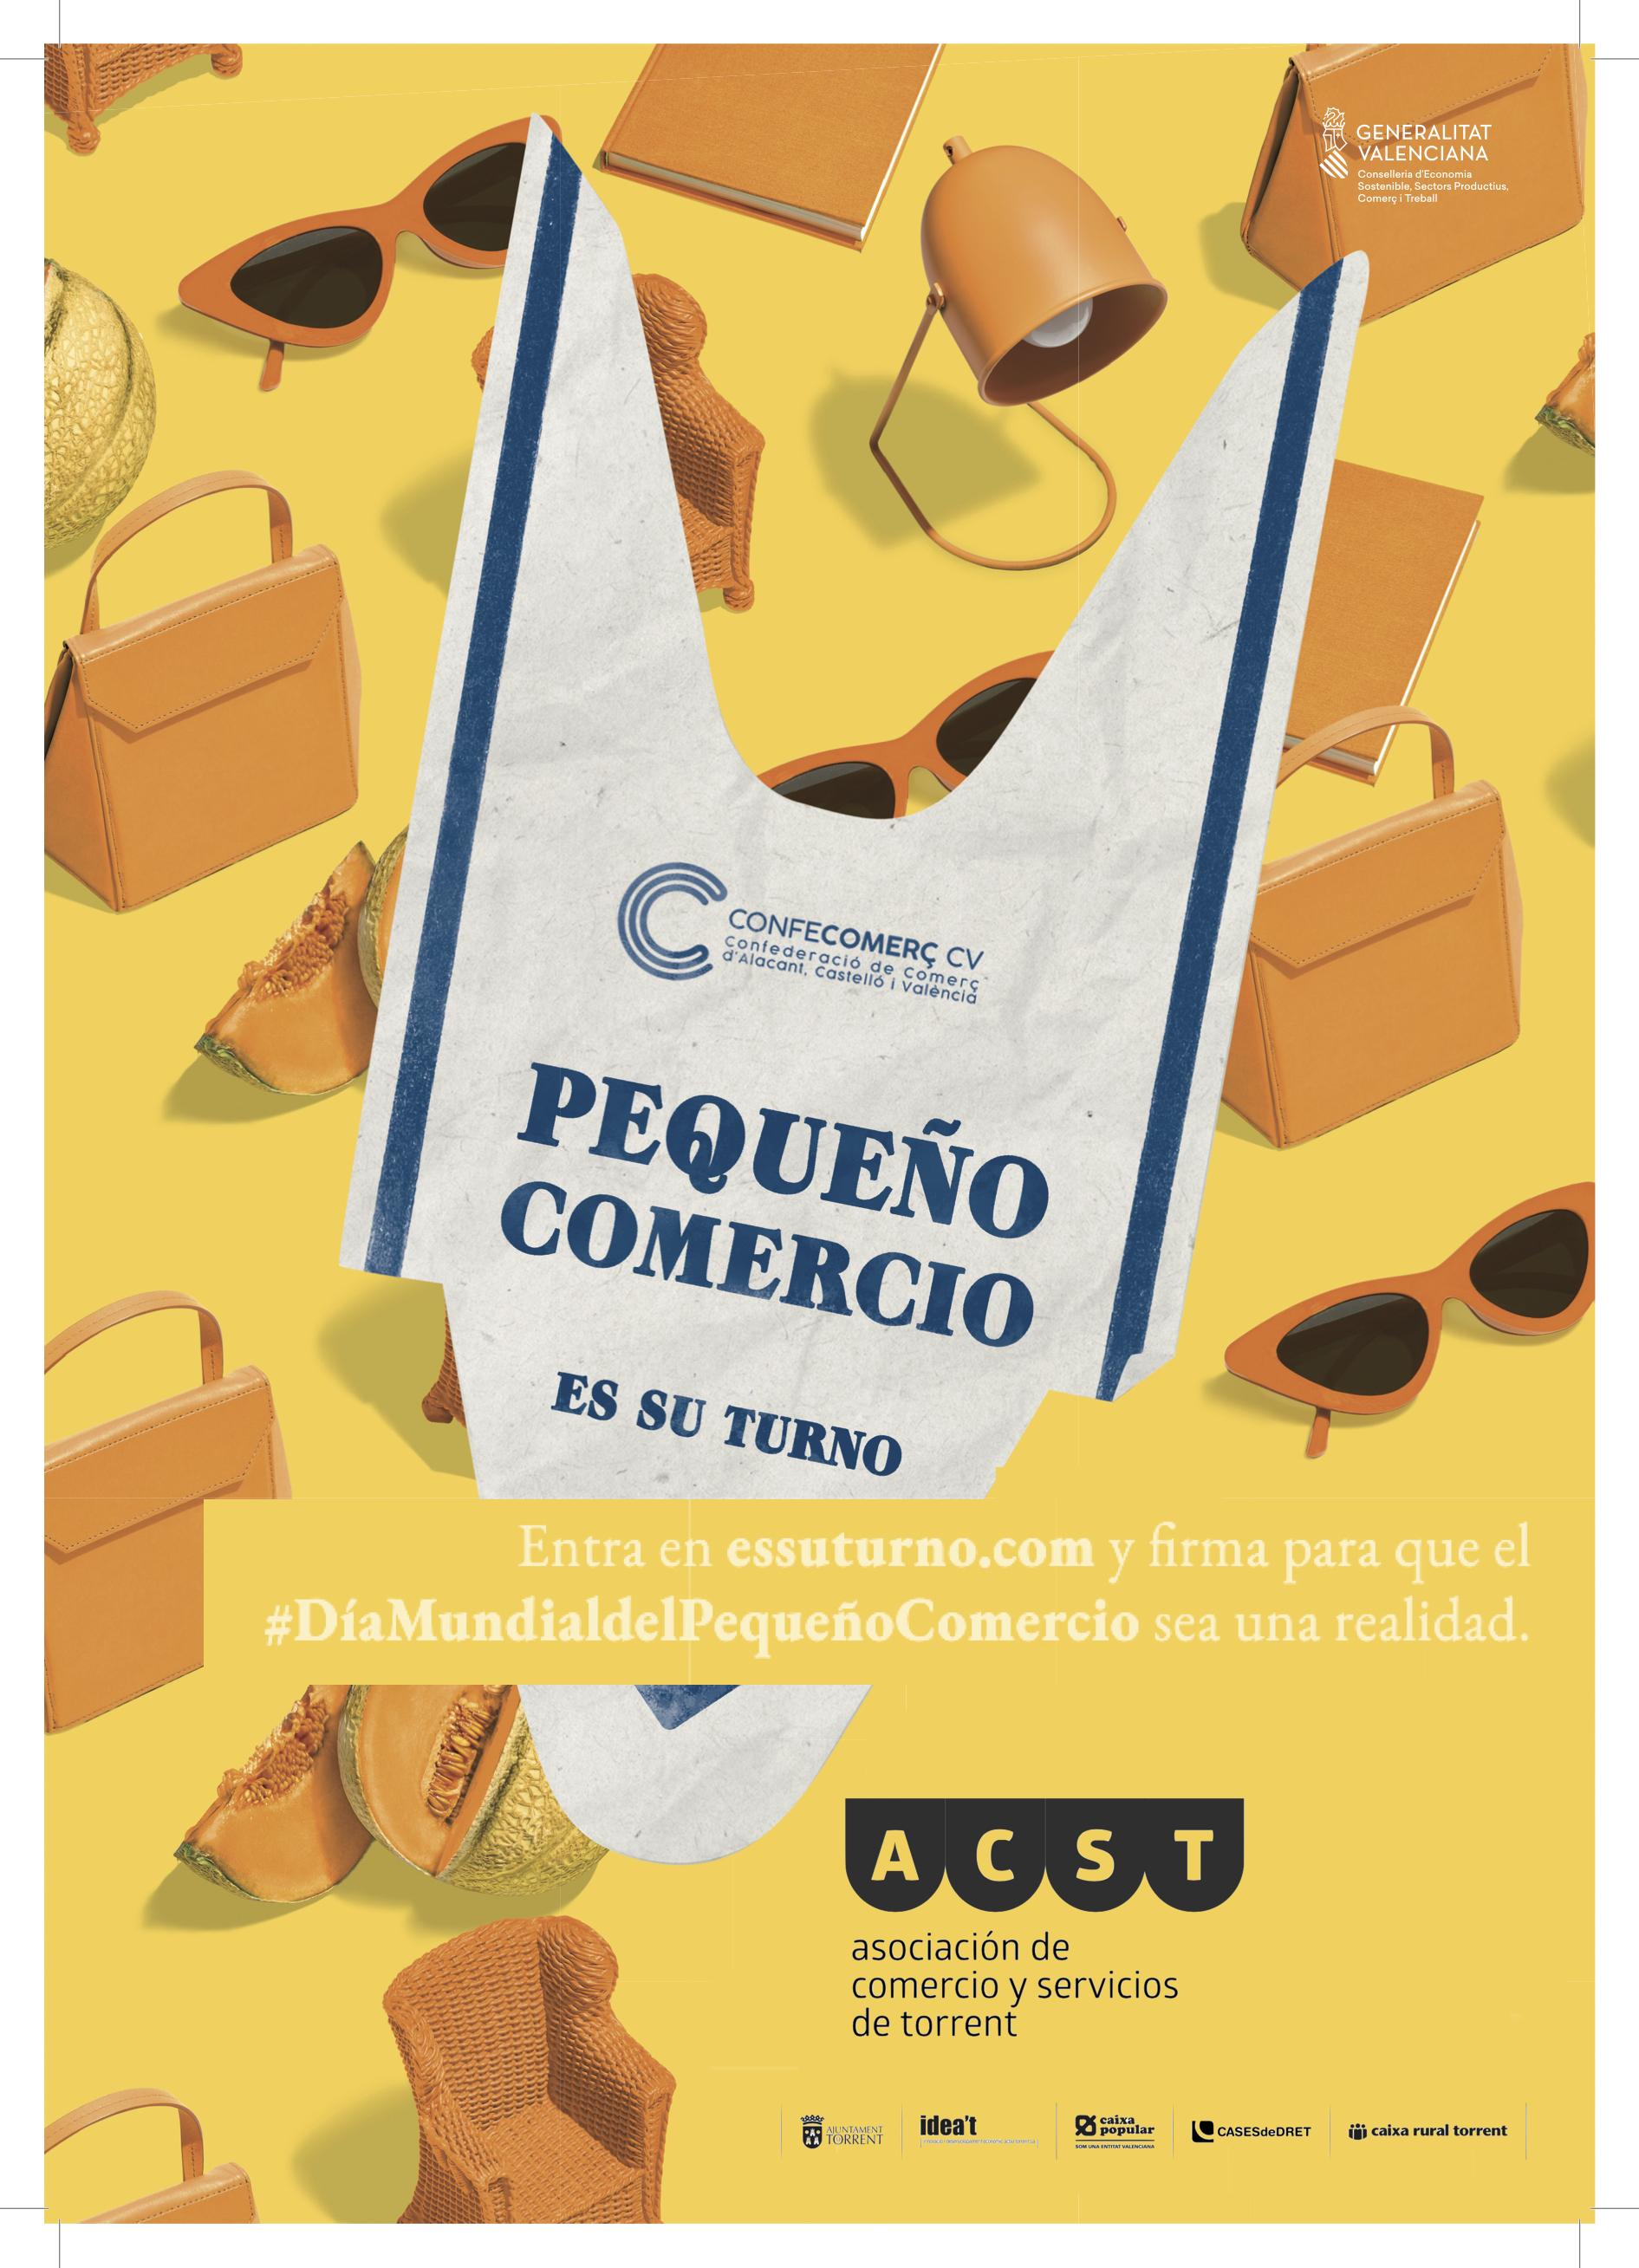 """ACST regala miles de bolsas y carteles para conseguir el """"Día del Mundial del Pequeño Comercio"""" (#EsSuTurno) !!!"""